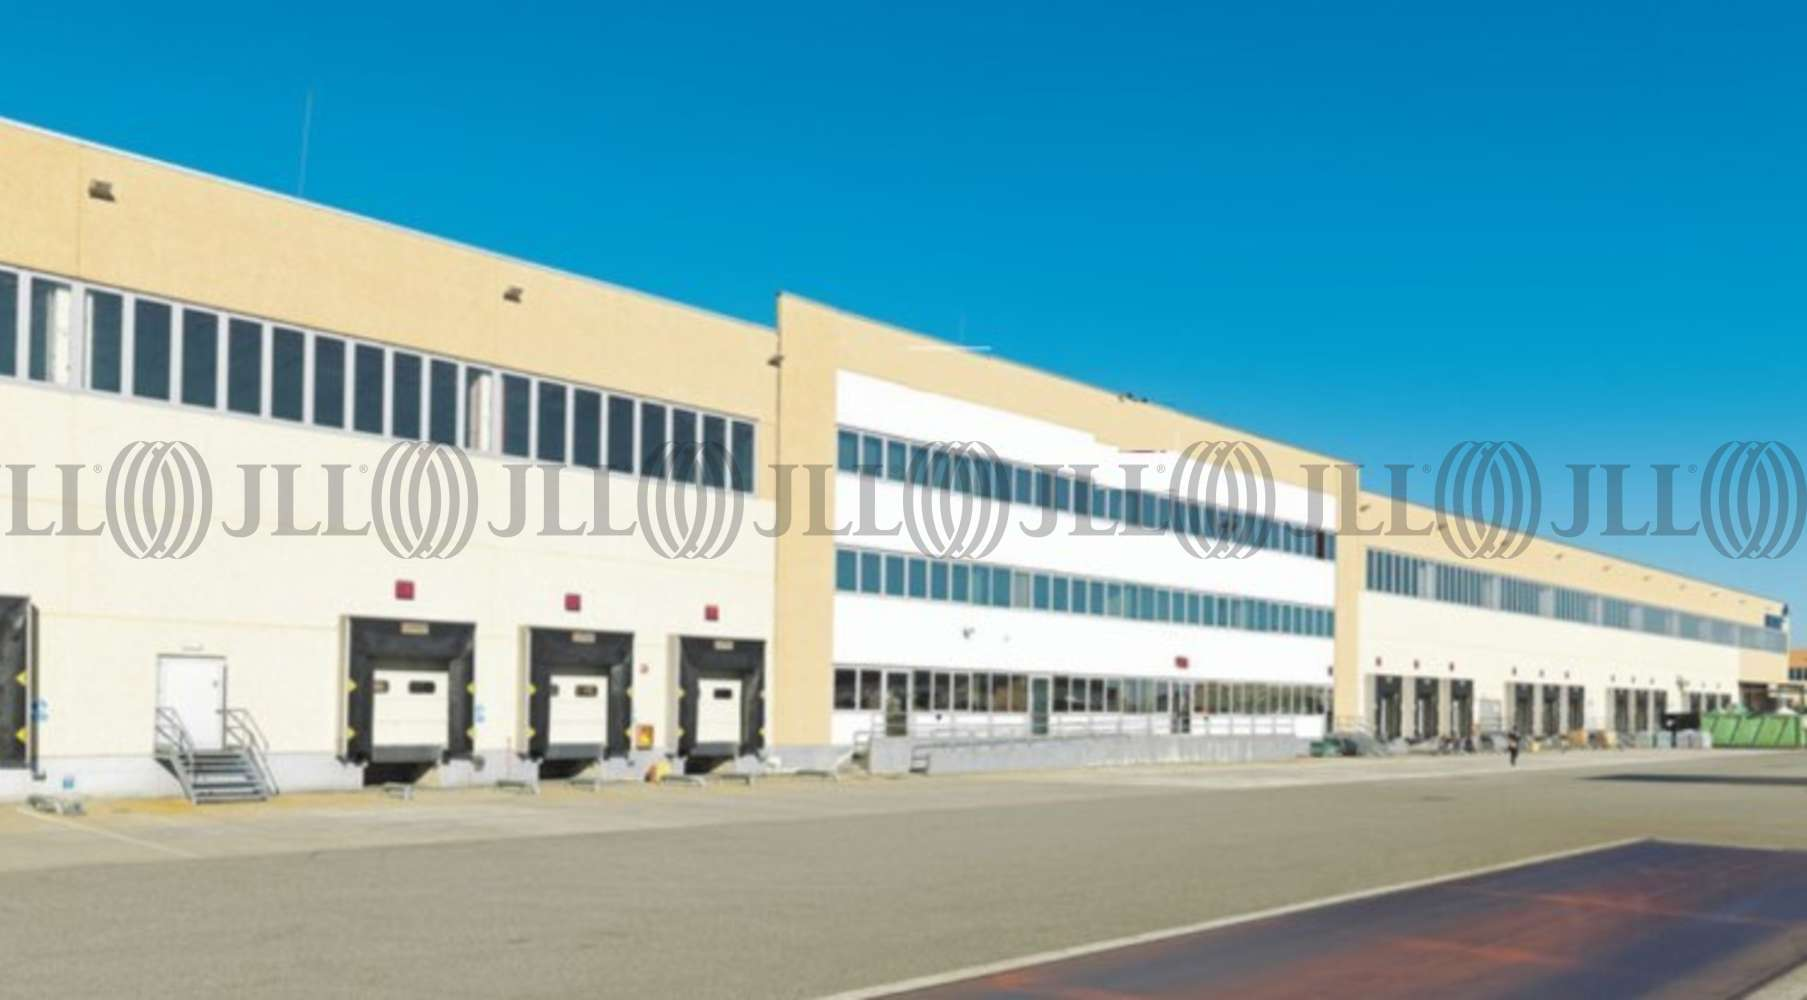 Magazzini industriali e logistici San pietro mosezzo, 28060 - Magazzini logistici 2 - 3 San Pietro Mosezzo